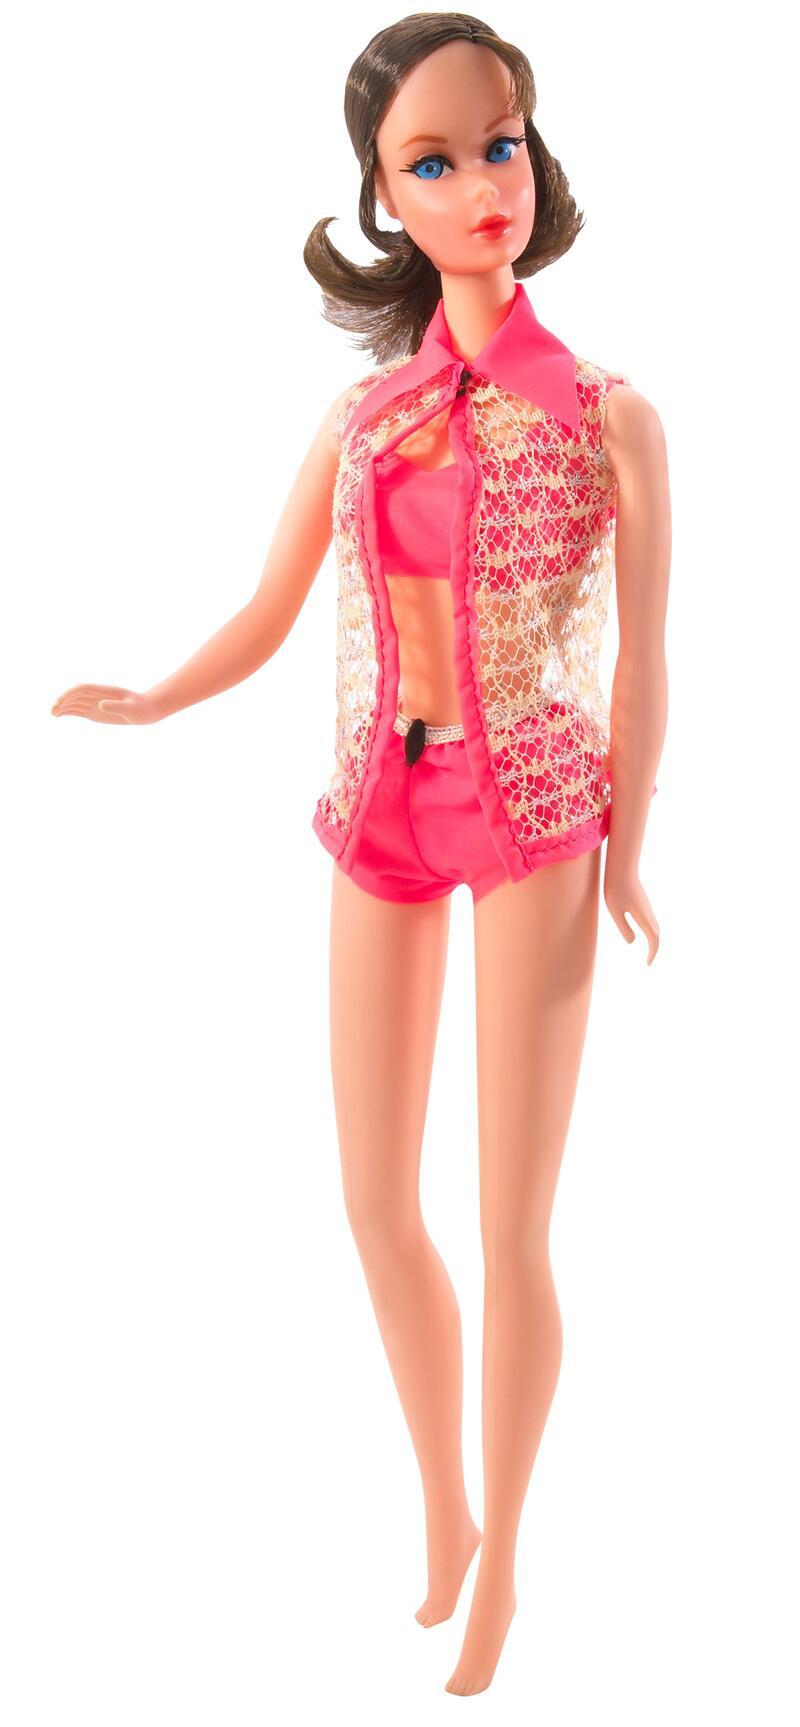 Bild zu 1968 - Die sprechende Barbie